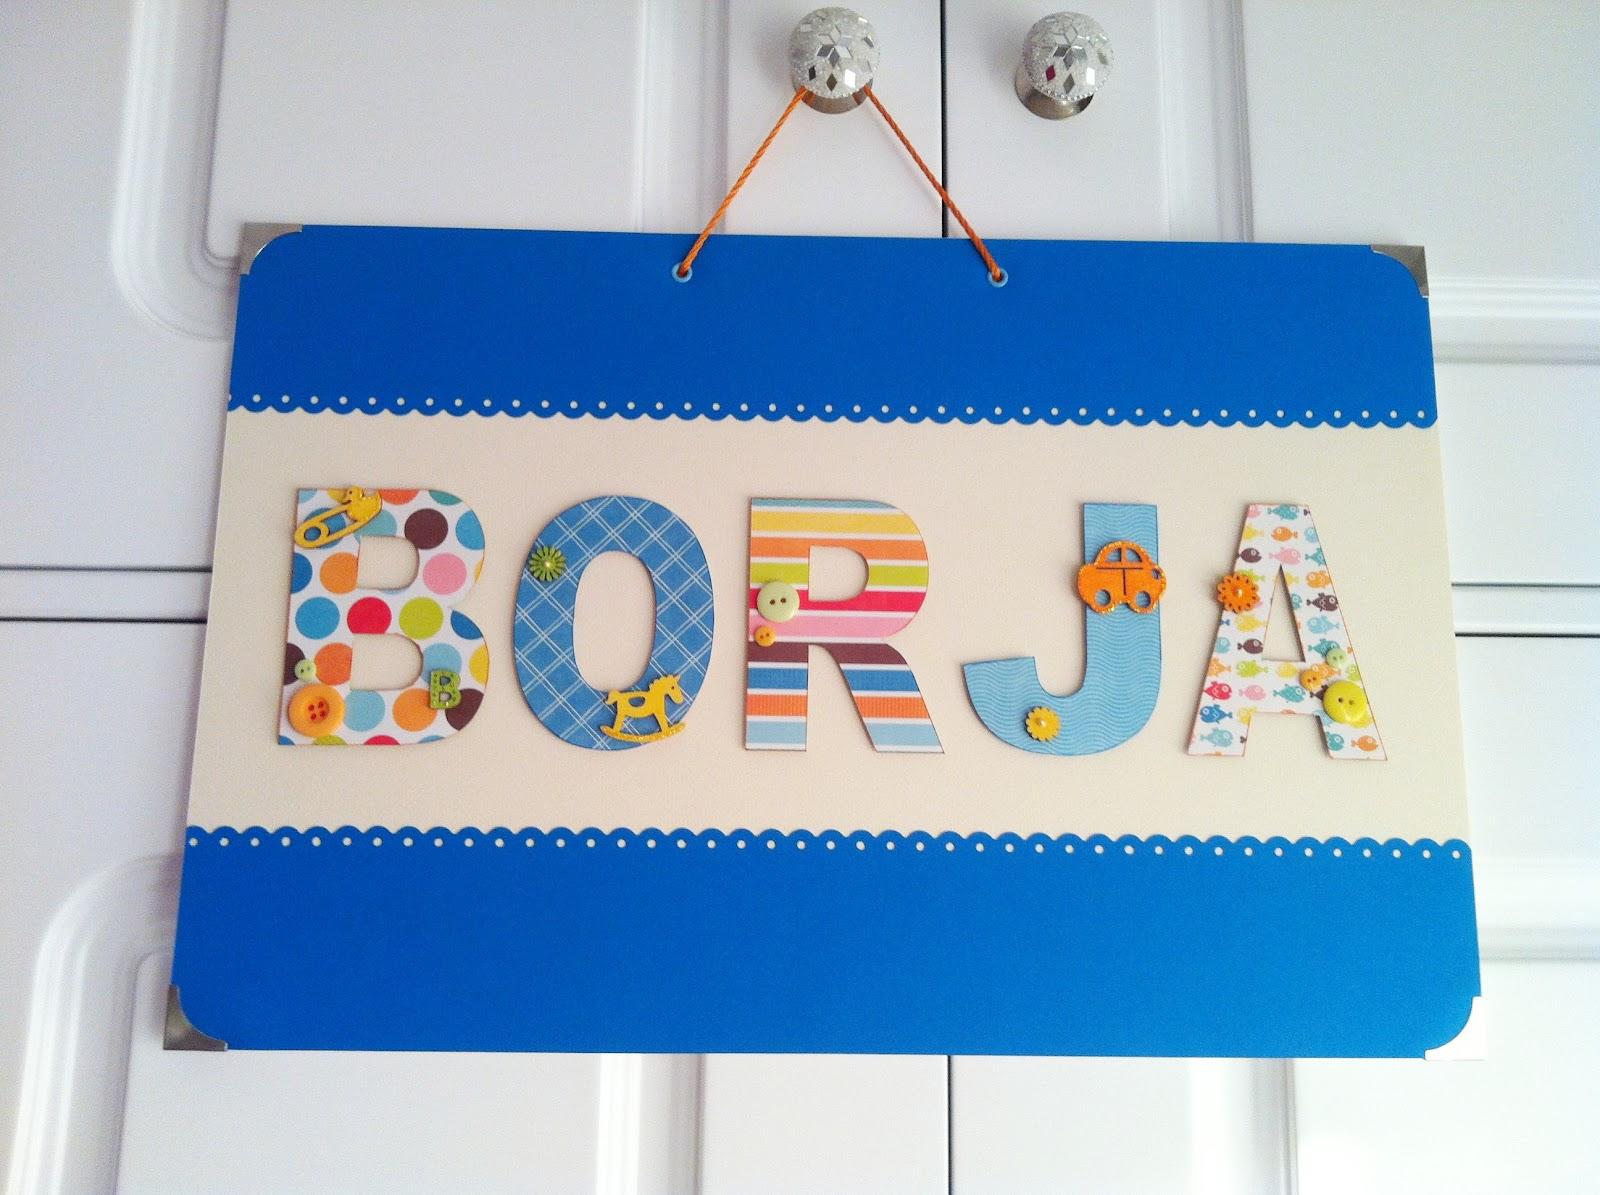 Tiz scrap un nombre de una forma muy original y vistosa - Como decorar un sobre ...